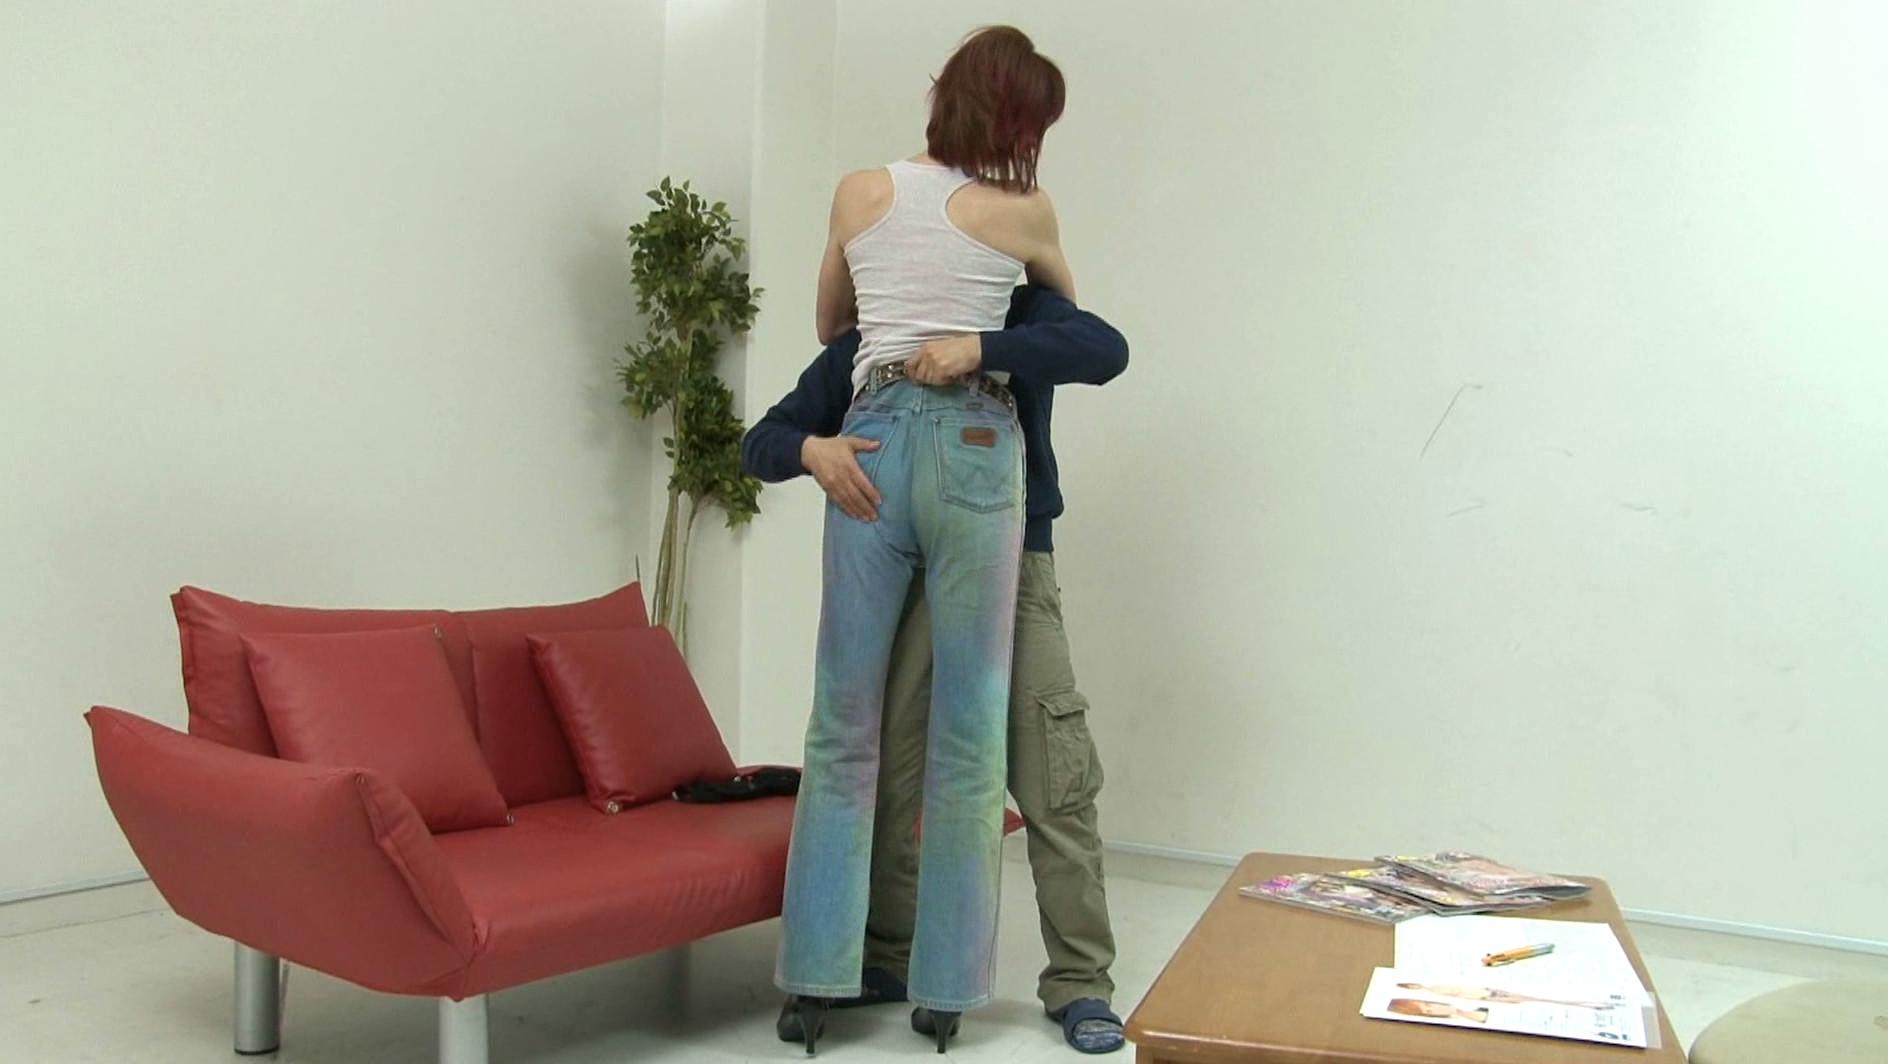 180cmの熟女 チビ男優にイカされ続けて失神KO 画像5